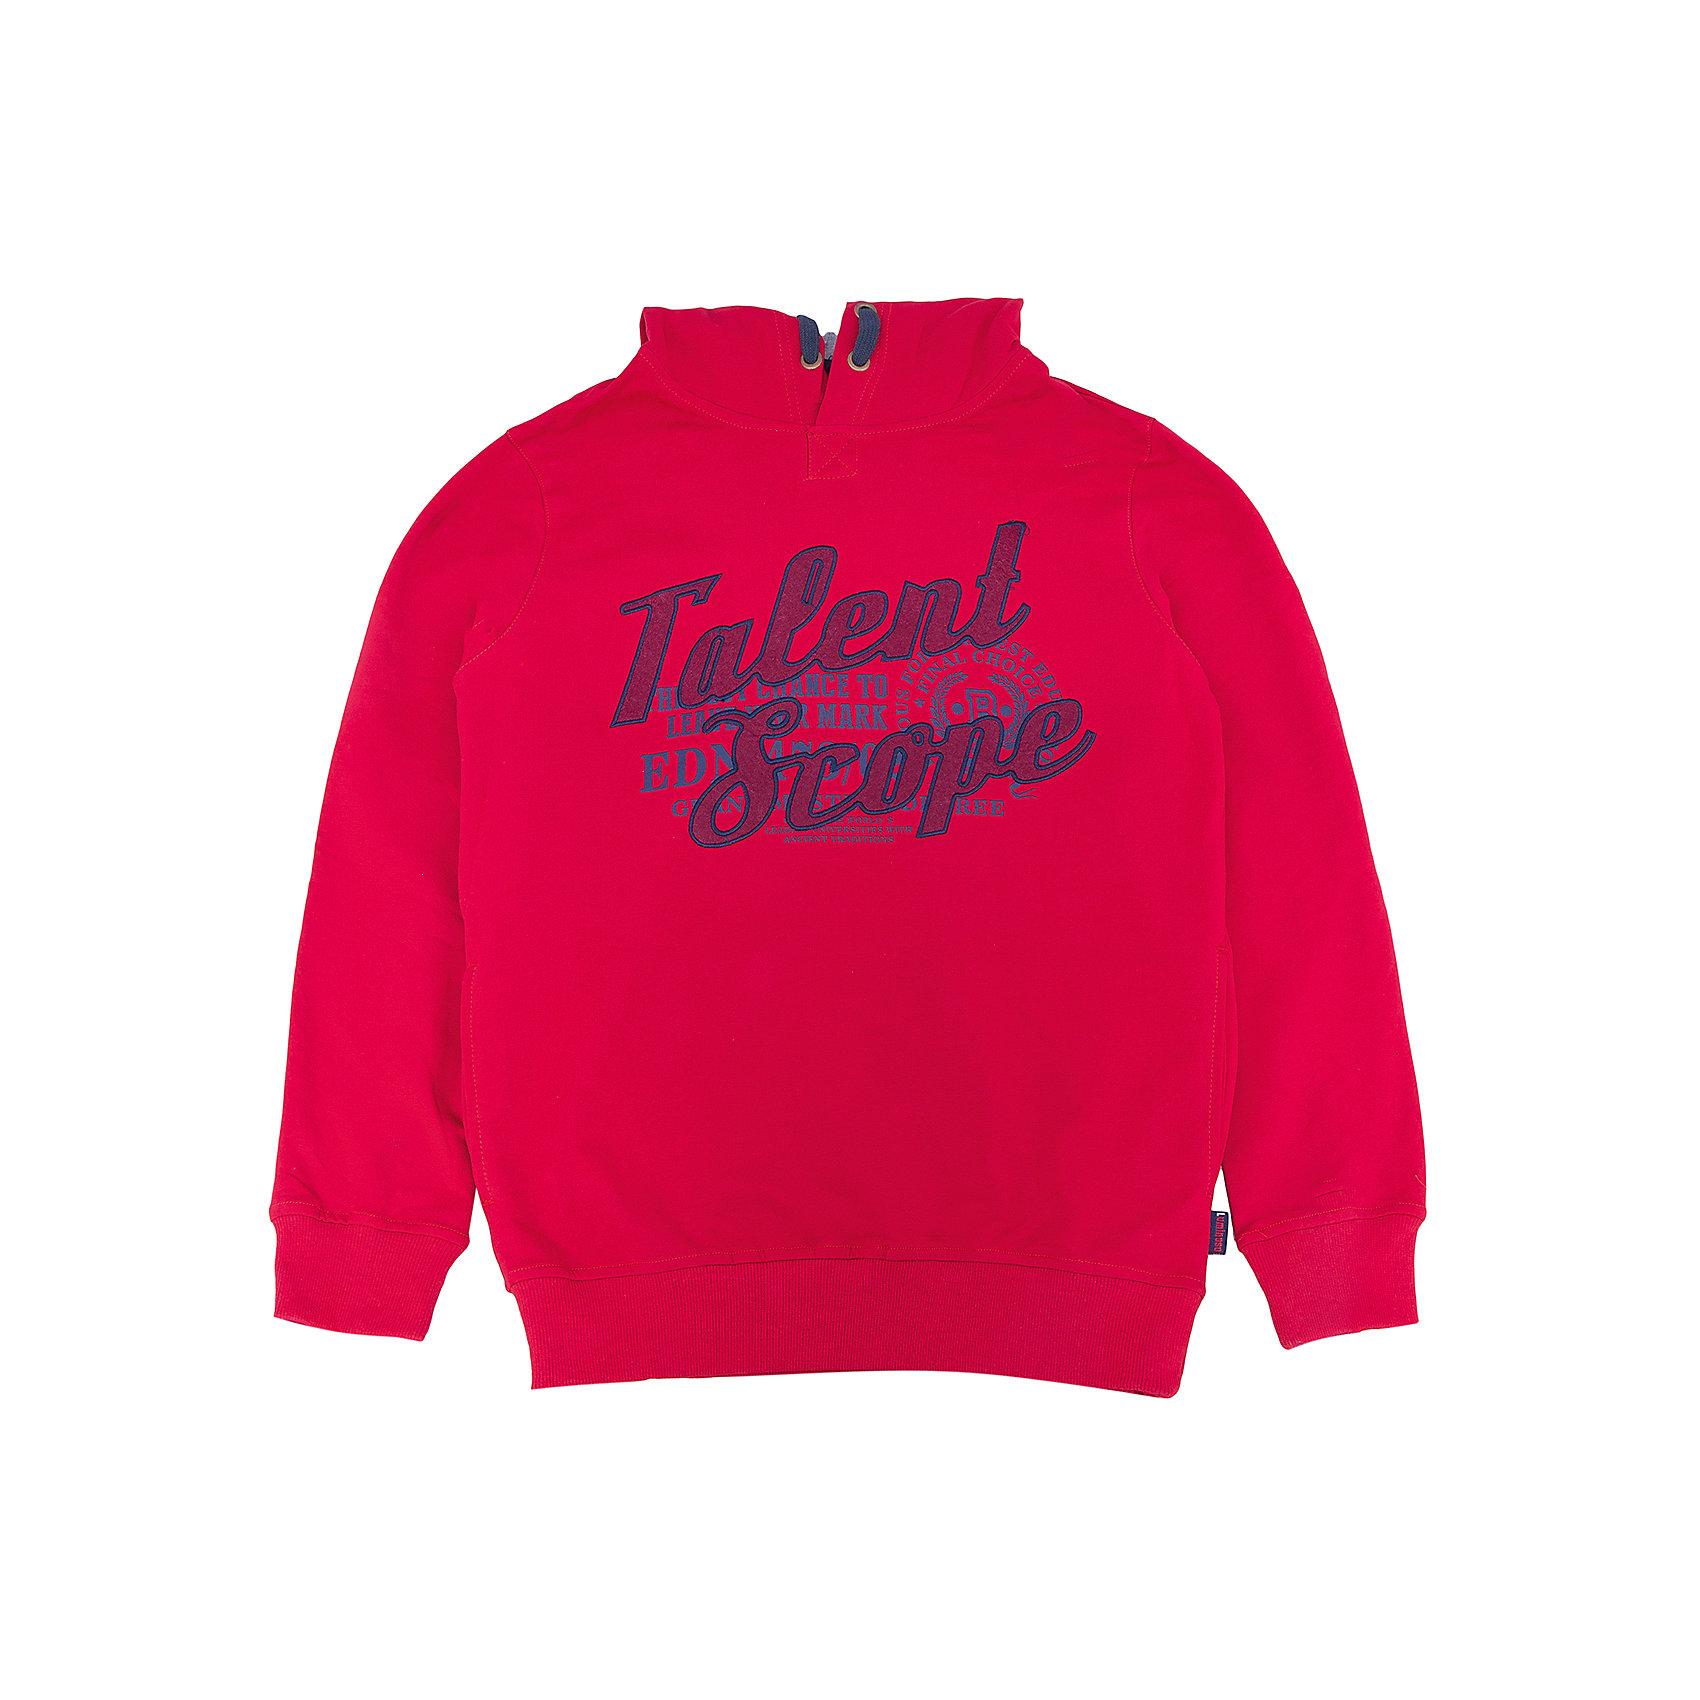 Толстовка для мальчика LuminosoХарактеристики товара:<br><br>- цвет: красный;<br>- материал: 95% хлопок, 5% эластан;<br>- капюшон;<br>- длинный рукав;<br>- принт.<br><br>Стильная одежда от бренда Luminoso (Люминосо), созданная при участии итальянских дизайнеров, учитывает потребности подростков и последние веяния моды. Она удобная и модная.<br>Эта стильная толстовка идеальна для прохладной погоды. Он хорошо сидит на ребенке, обеспечивает комфорт и отлично сочетается с одежной разных стилей. Модель отличается высоким качеством материала и продуманным дизайном.<br><br>Толстовку для мальчика от бренда Luminoso (Люминосо) можно купить в нашем интернет-магазине.<br><br>Ширина мм: 190<br>Глубина мм: 74<br>Высота мм: 229<br>Вес г: 236<br>Цвет: красный<br>Возраст от месяцев: 144<br>Возраст до месяцев: 156<br>Пол: Мужской<br>Возраст: Детский<br>Размер: 158,152,146,140,134,164<br>SKU: 4931019